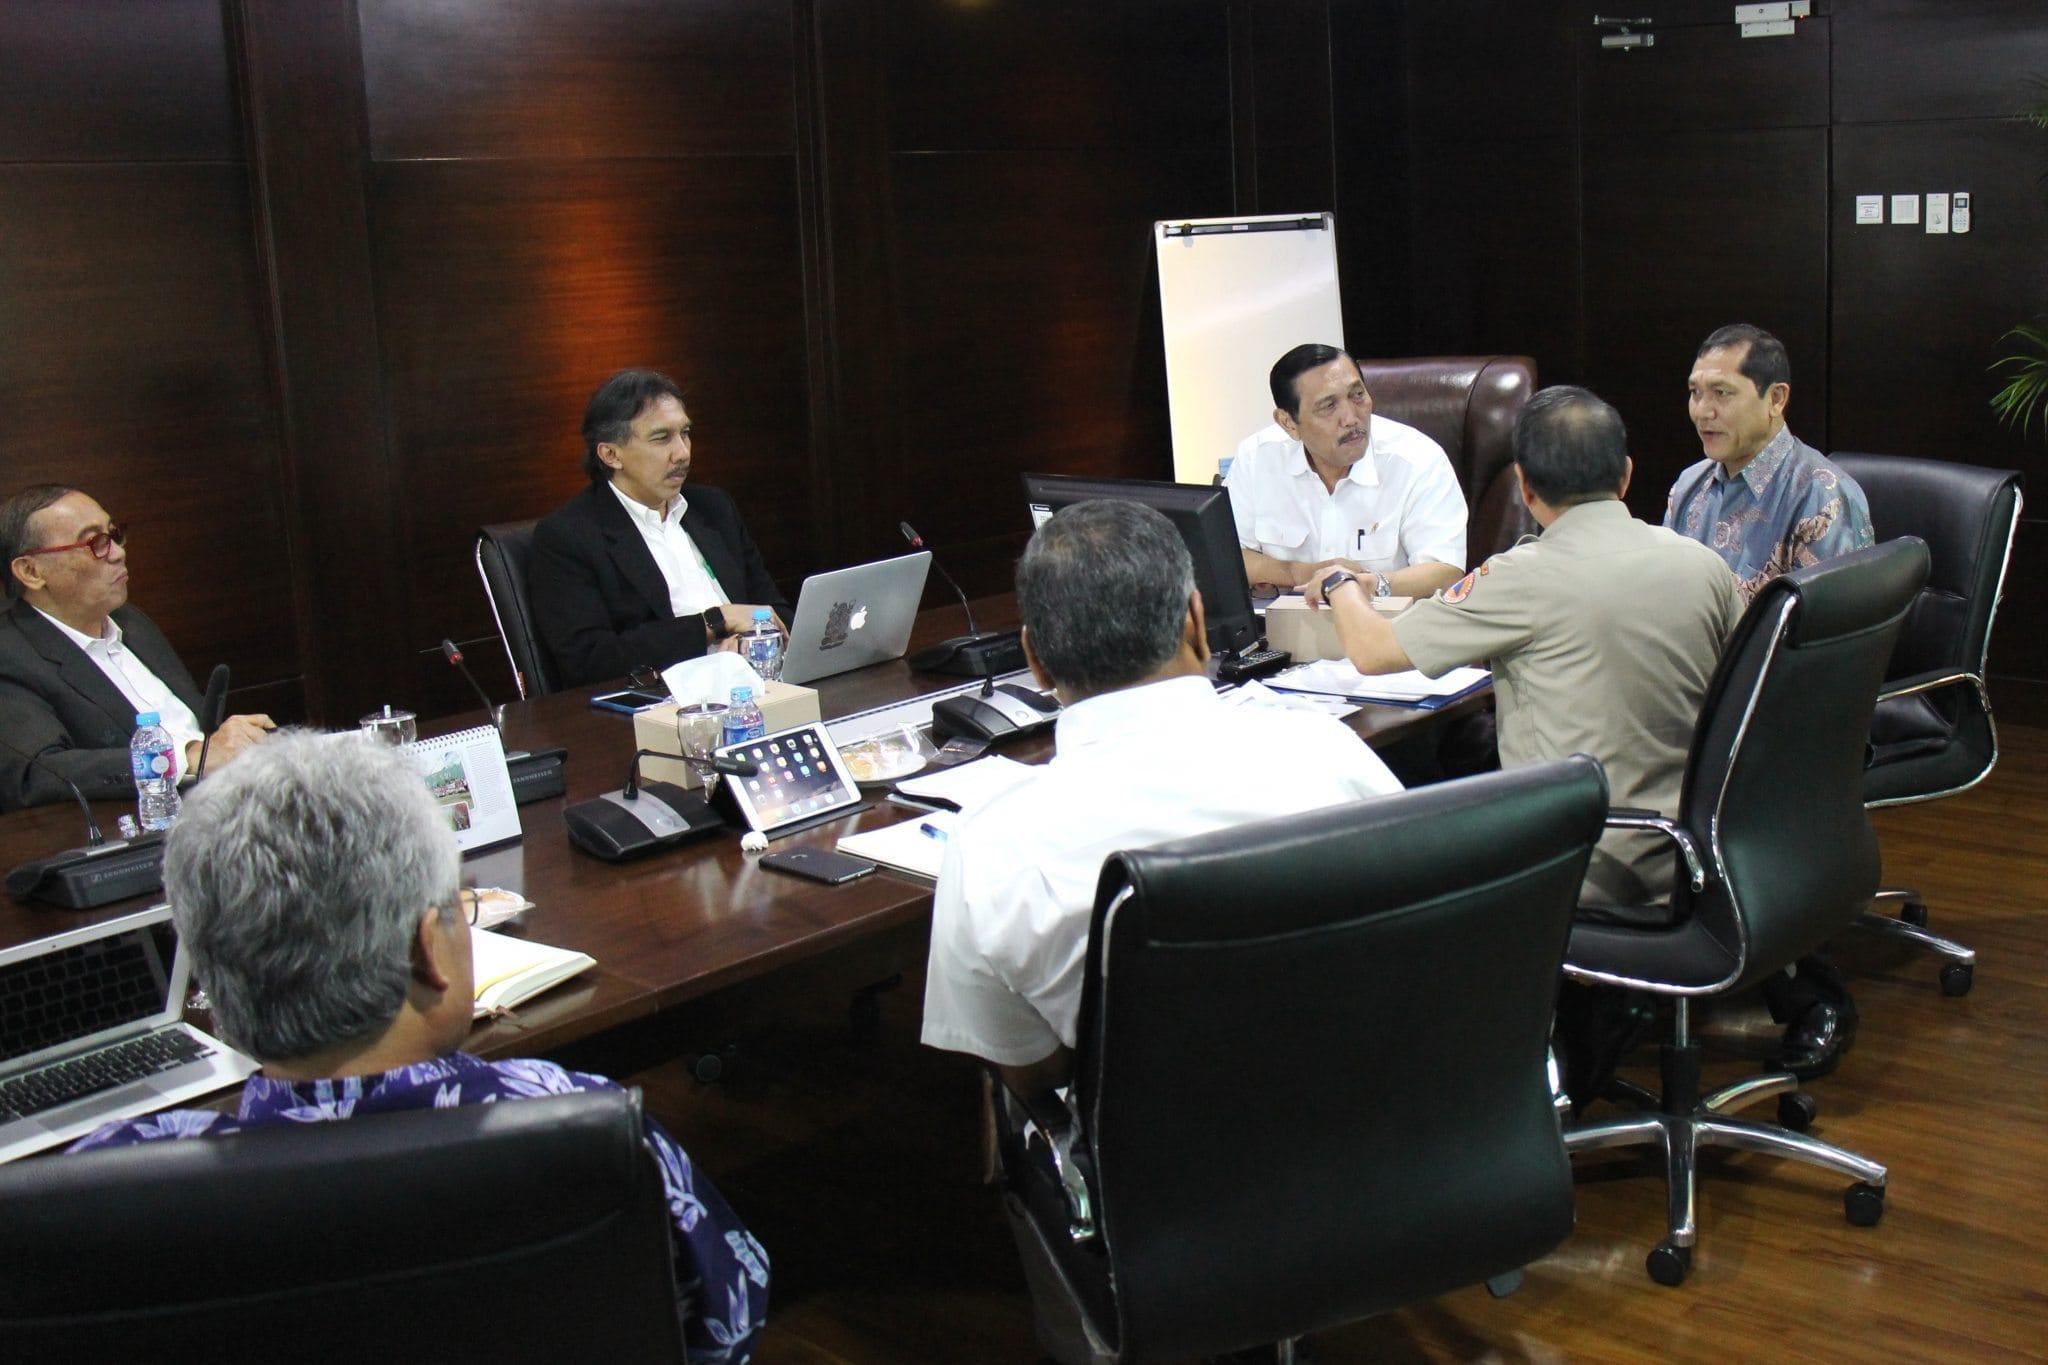 Menko Luhut B. Pandjaitan pimpin rapat terkait pembahasan gunung sinabung dengan Bupati Karo dan Kepala BNPB